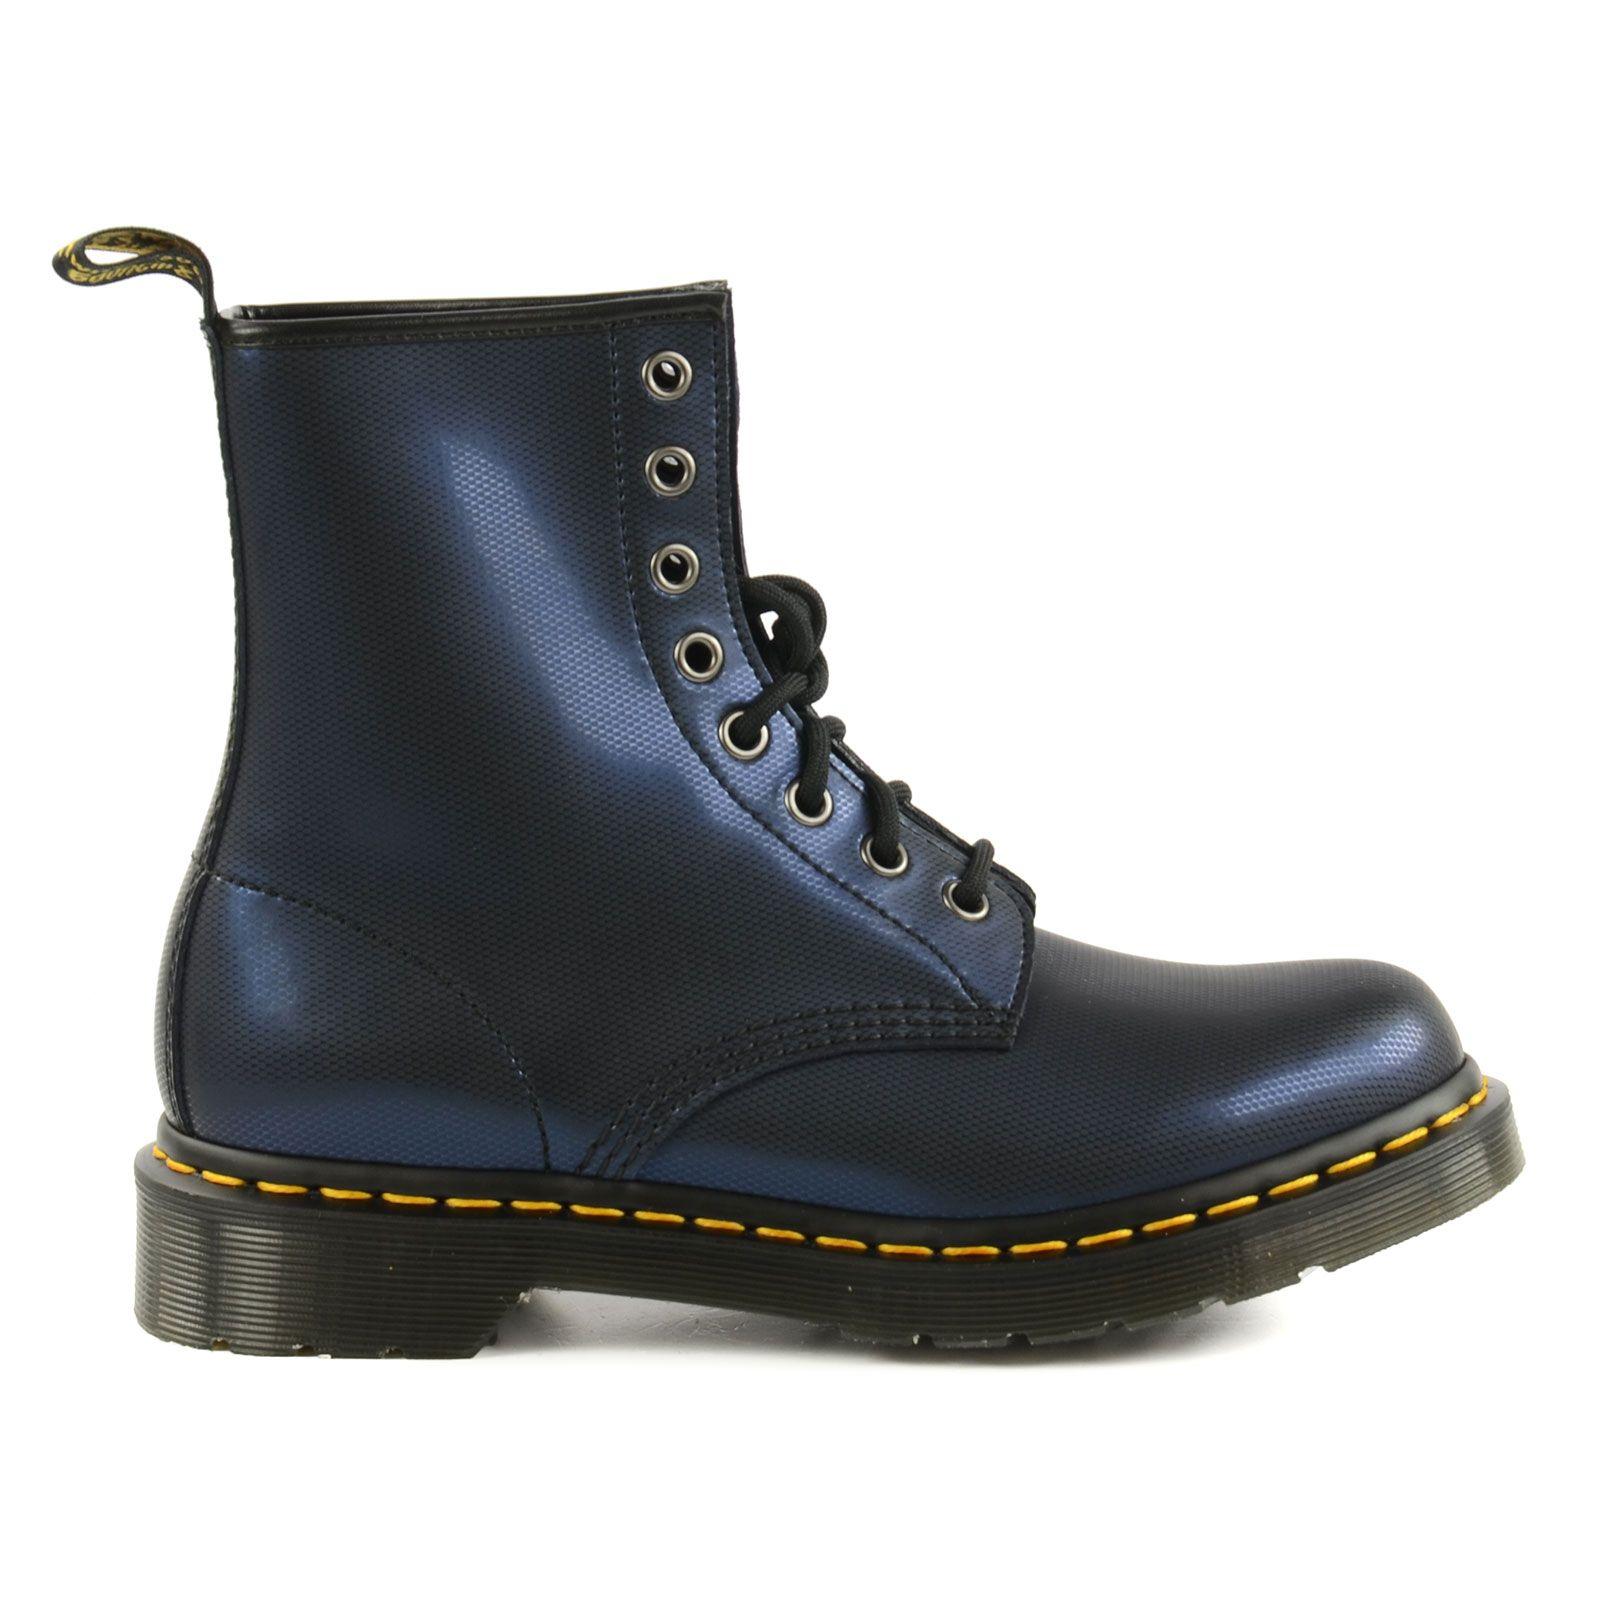 Metallic look dark blue Dr. Martens boots - Dr. Martens laarzen met blauwe  metallic